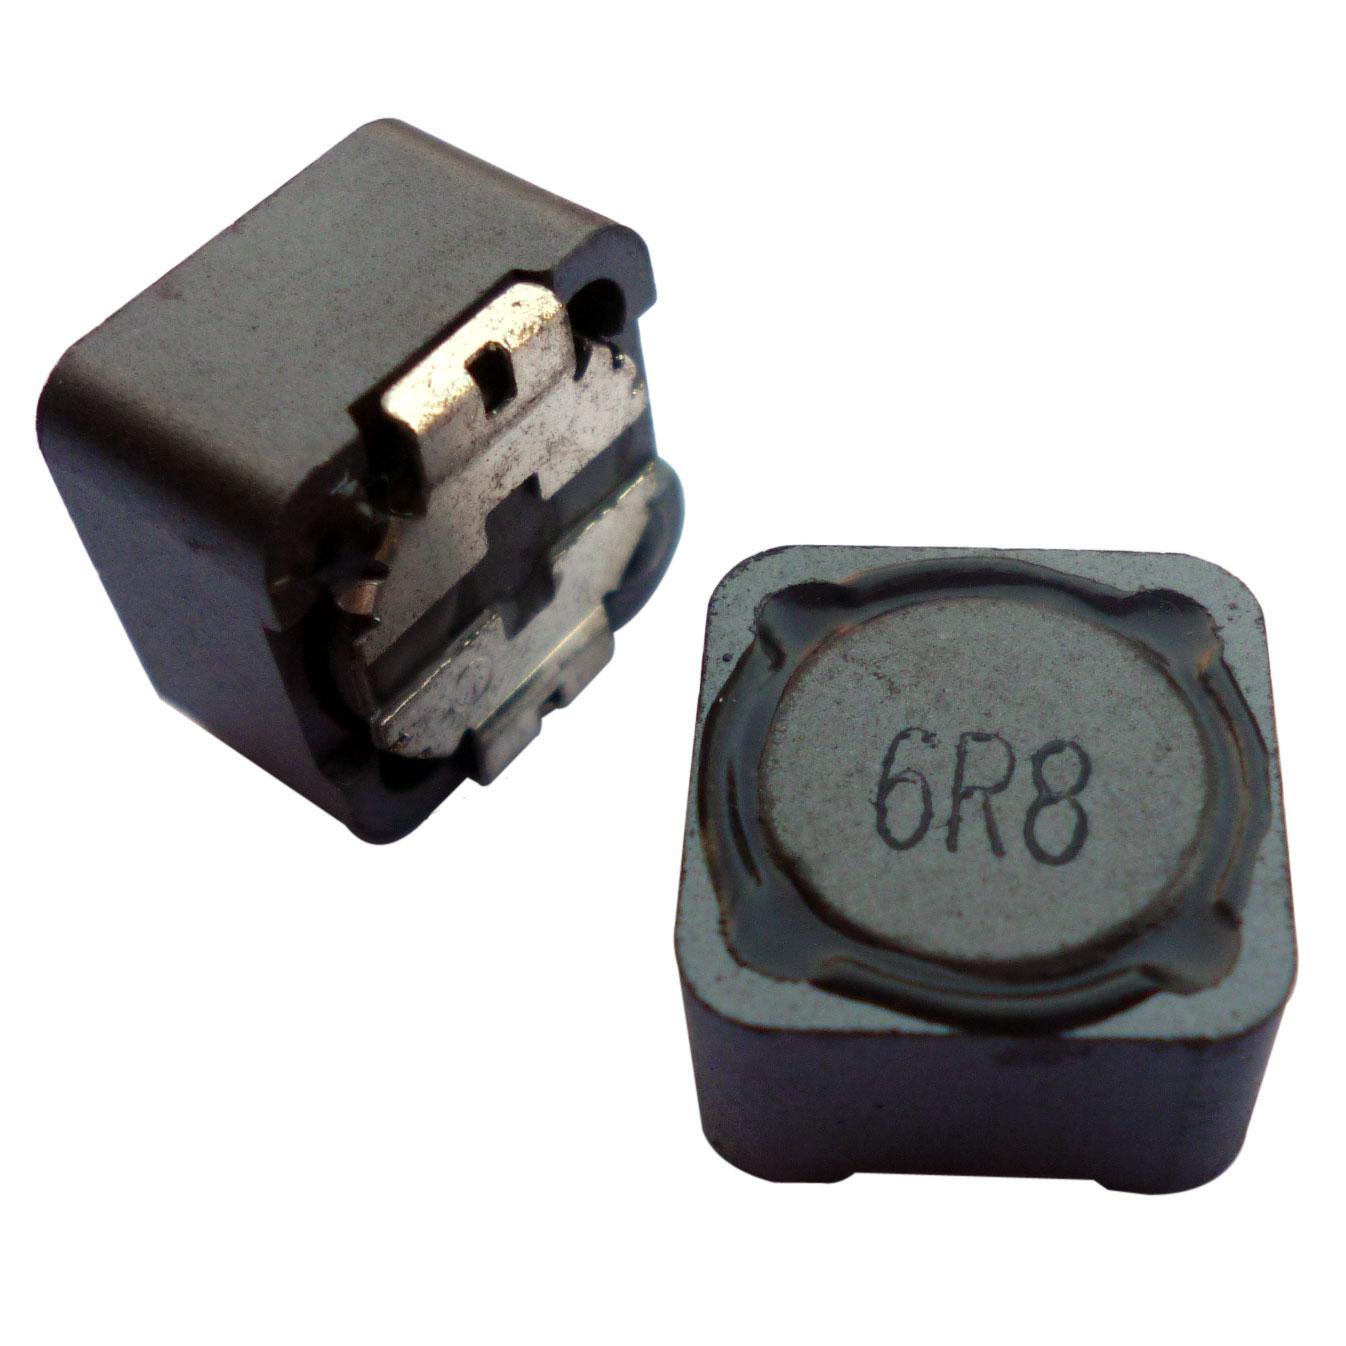 贴片电感,屏蔽电感,电感厂家,电感选型,电感定制